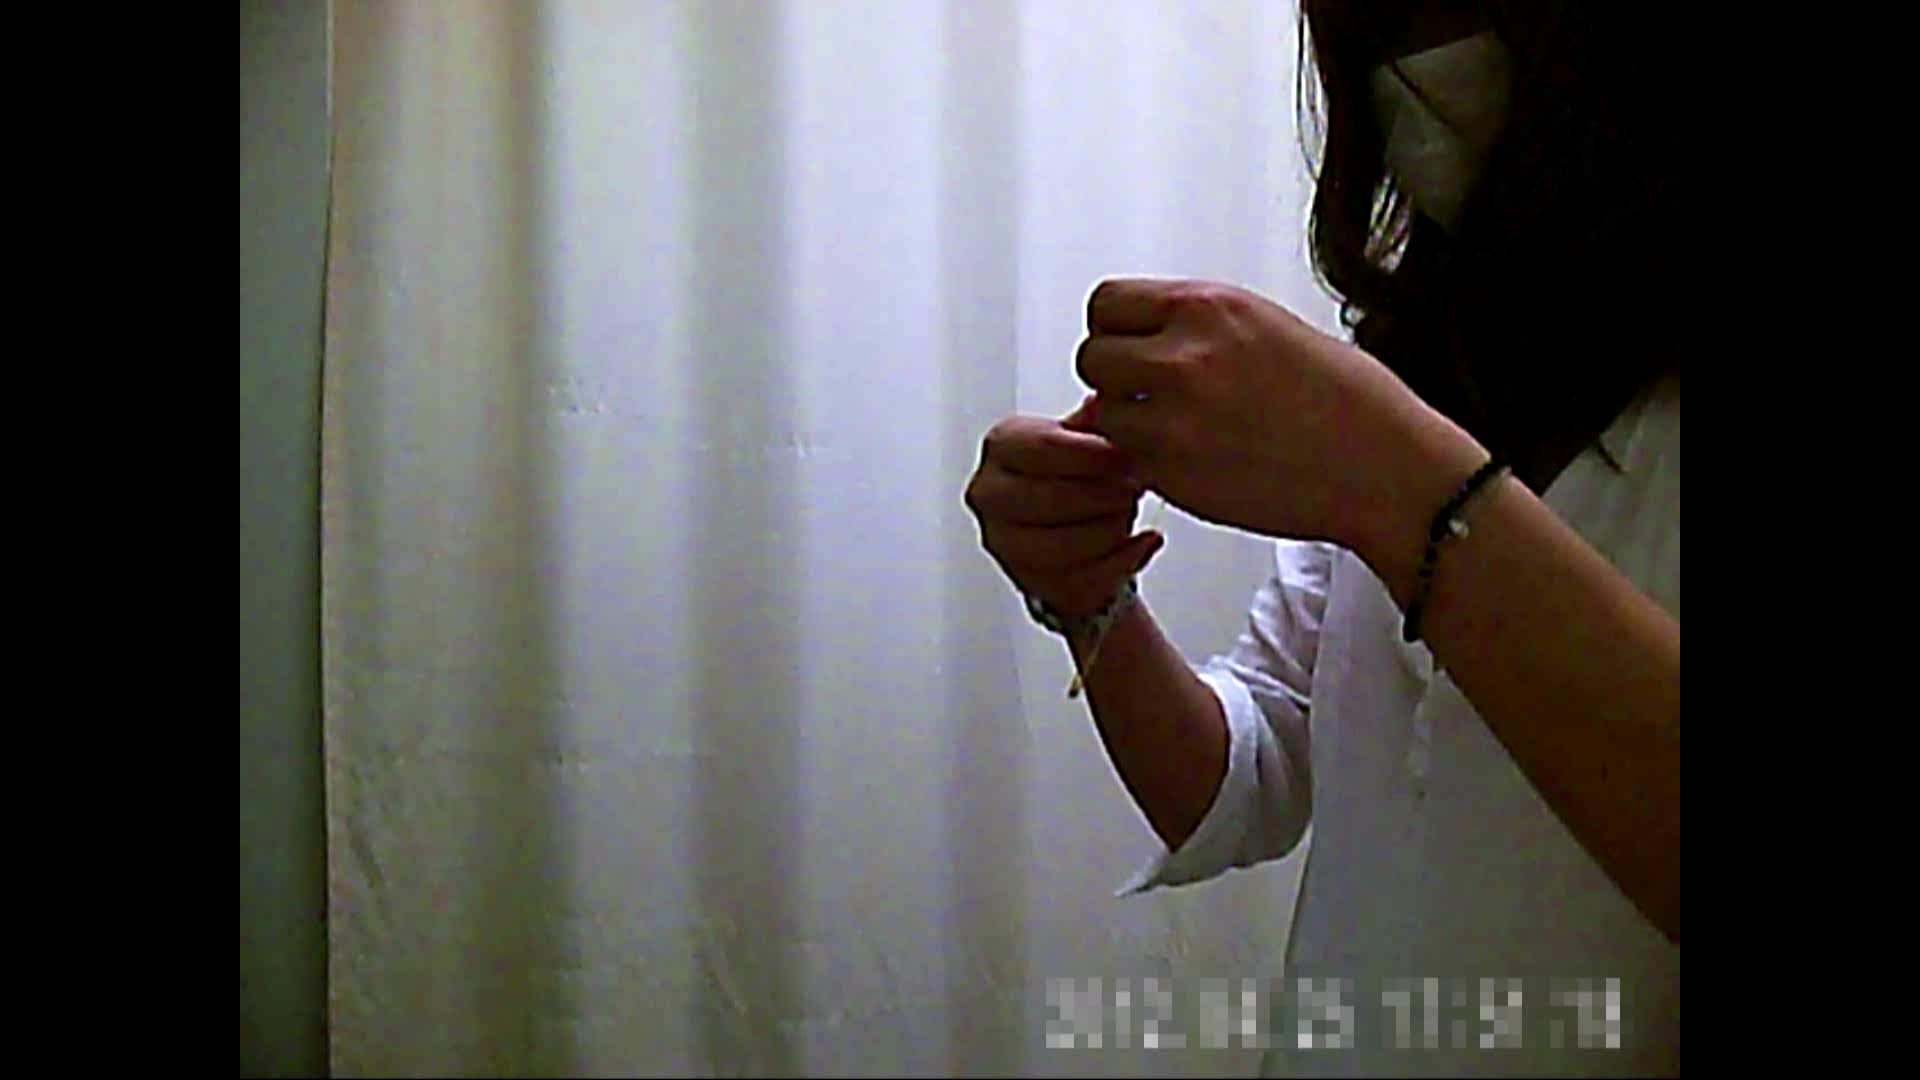 元医者による反抗 更衣室地獄絵巻 vol.009 OLの実態 | 0  46pic 41